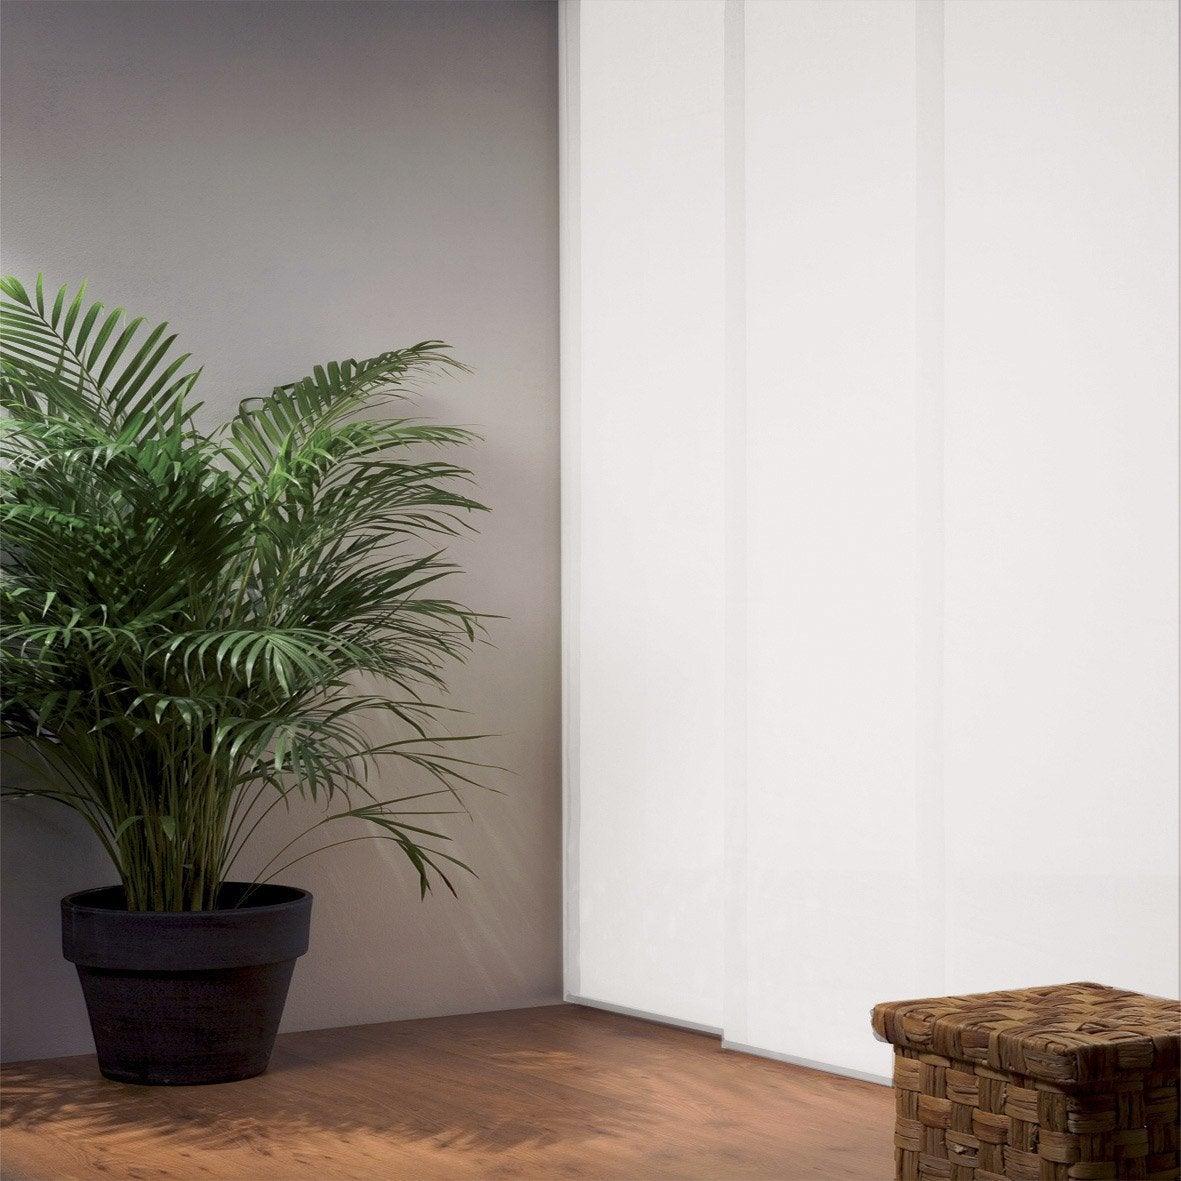 panneau japonais cru 250 x 50 cm leroy merlin. Black Bedroom Furniture Sets. Home Design Ideas